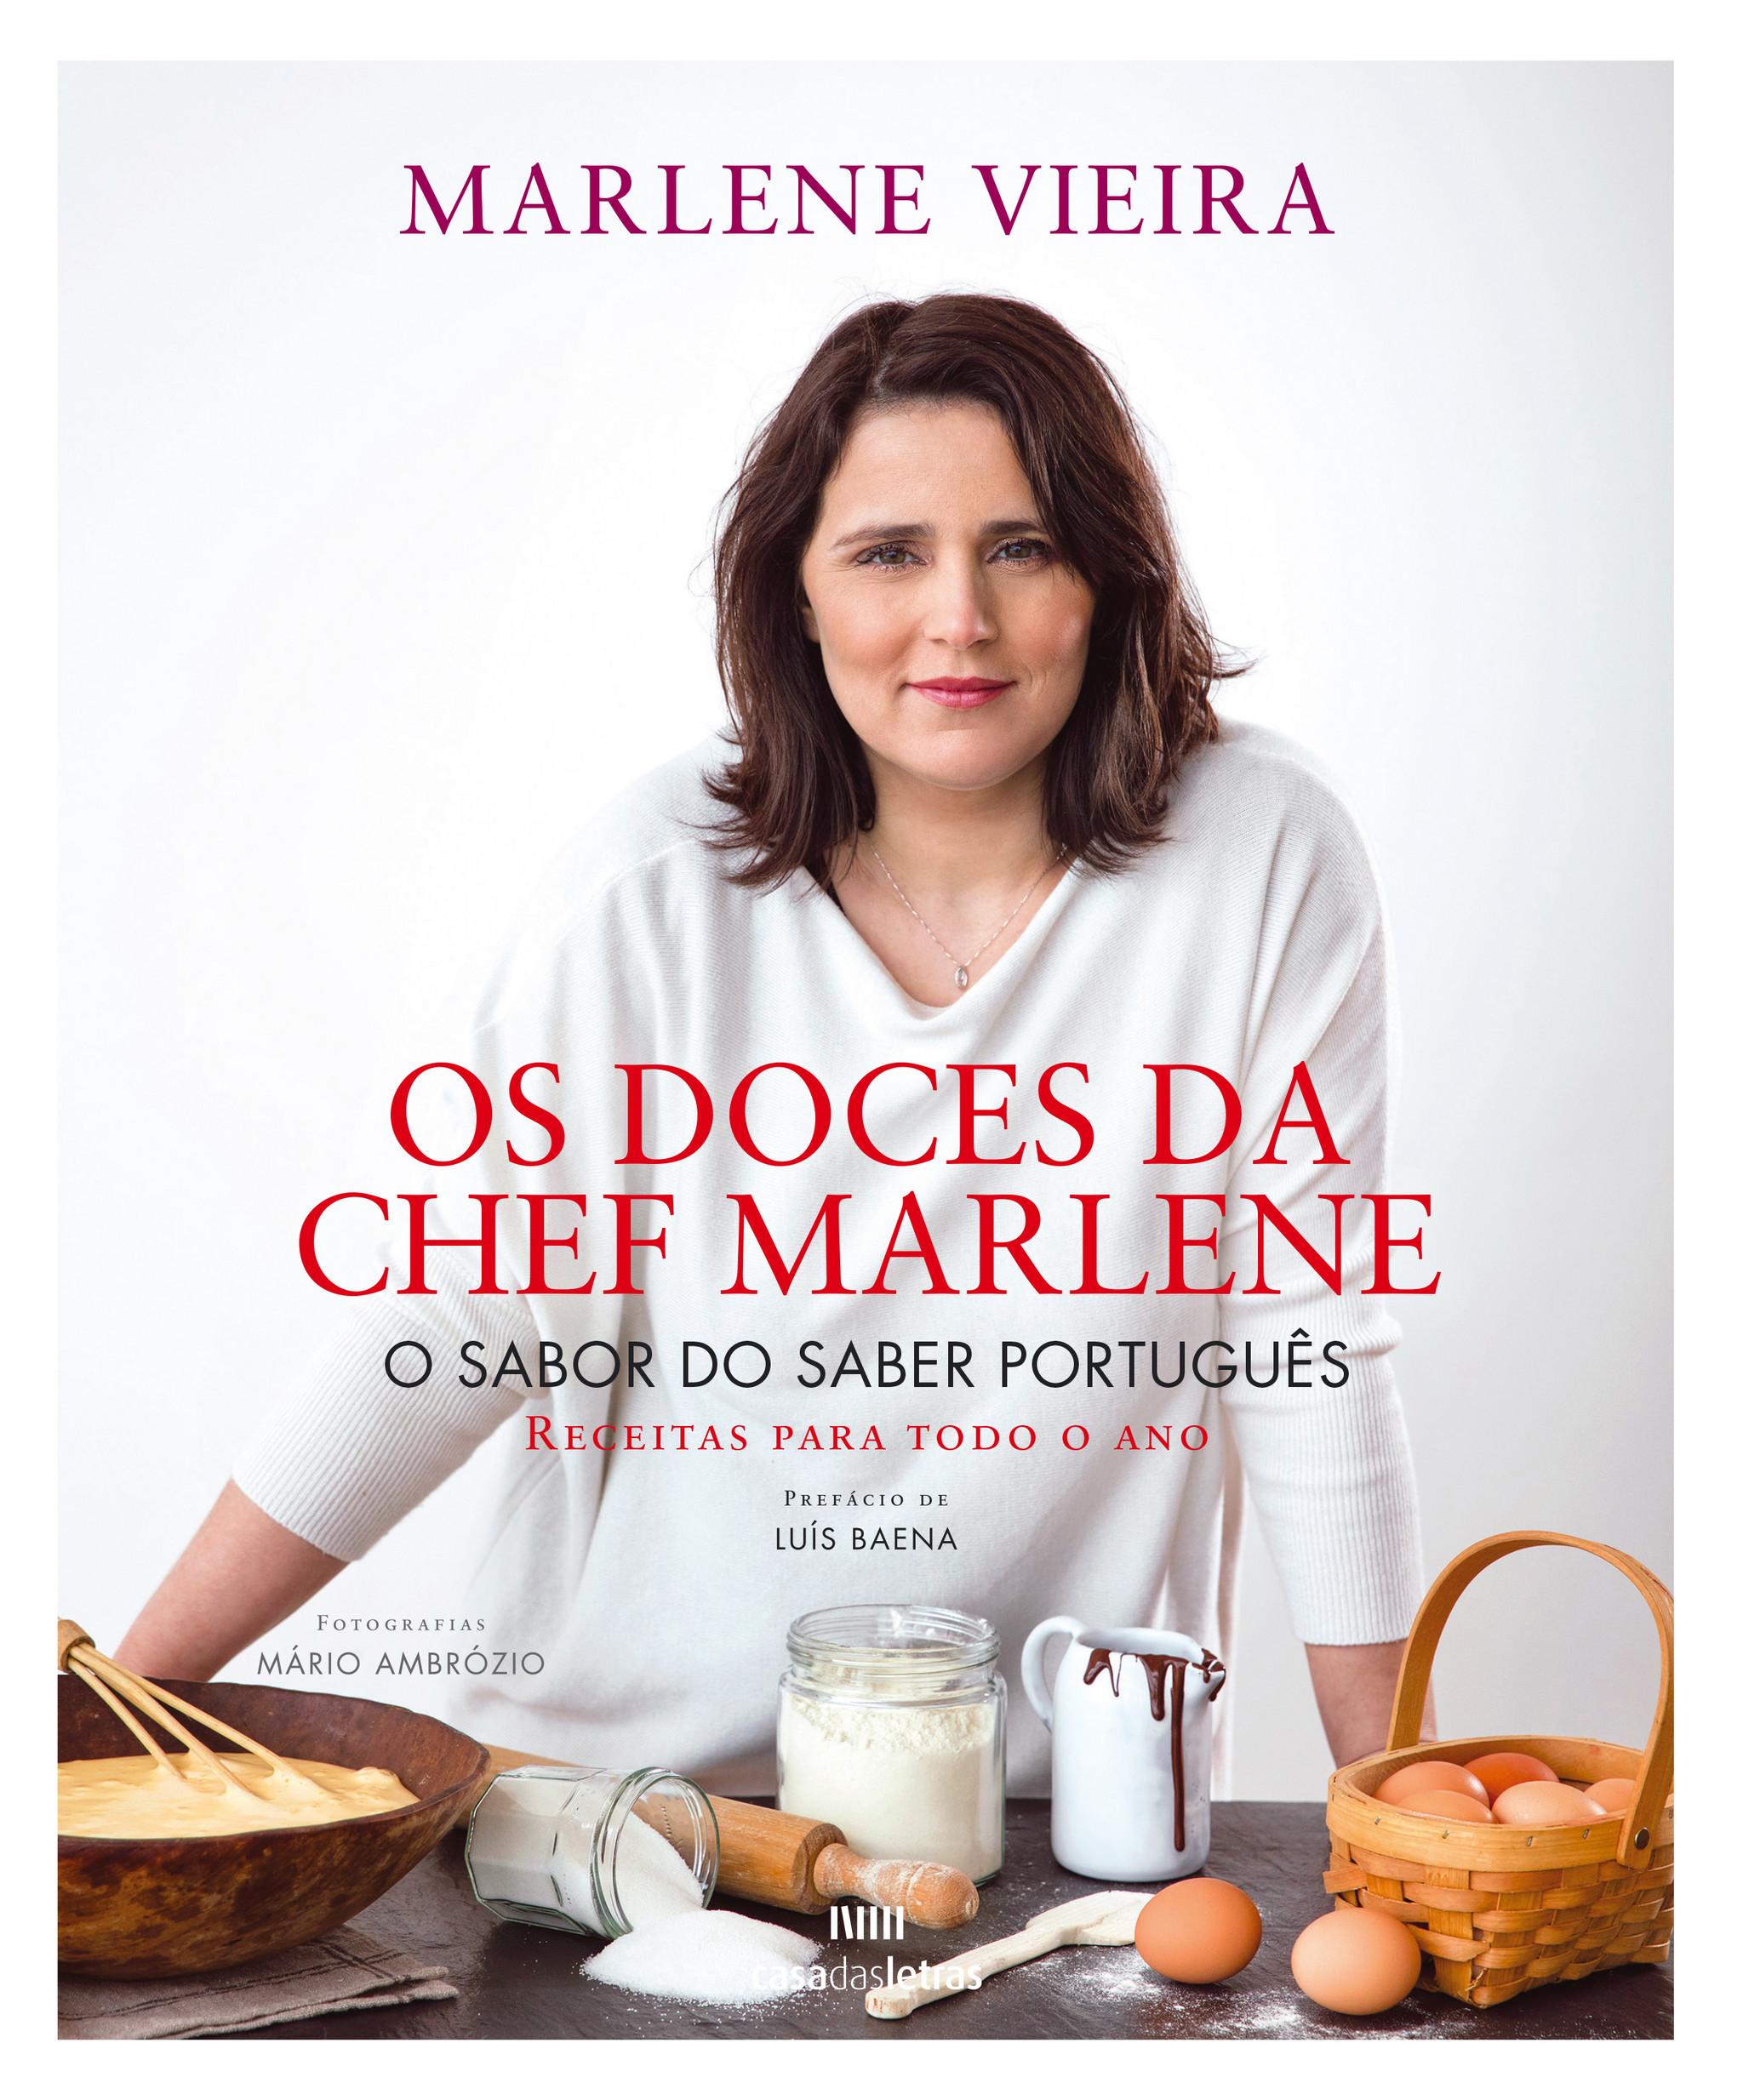 os_doces_da_chef_marlene (2).jpg